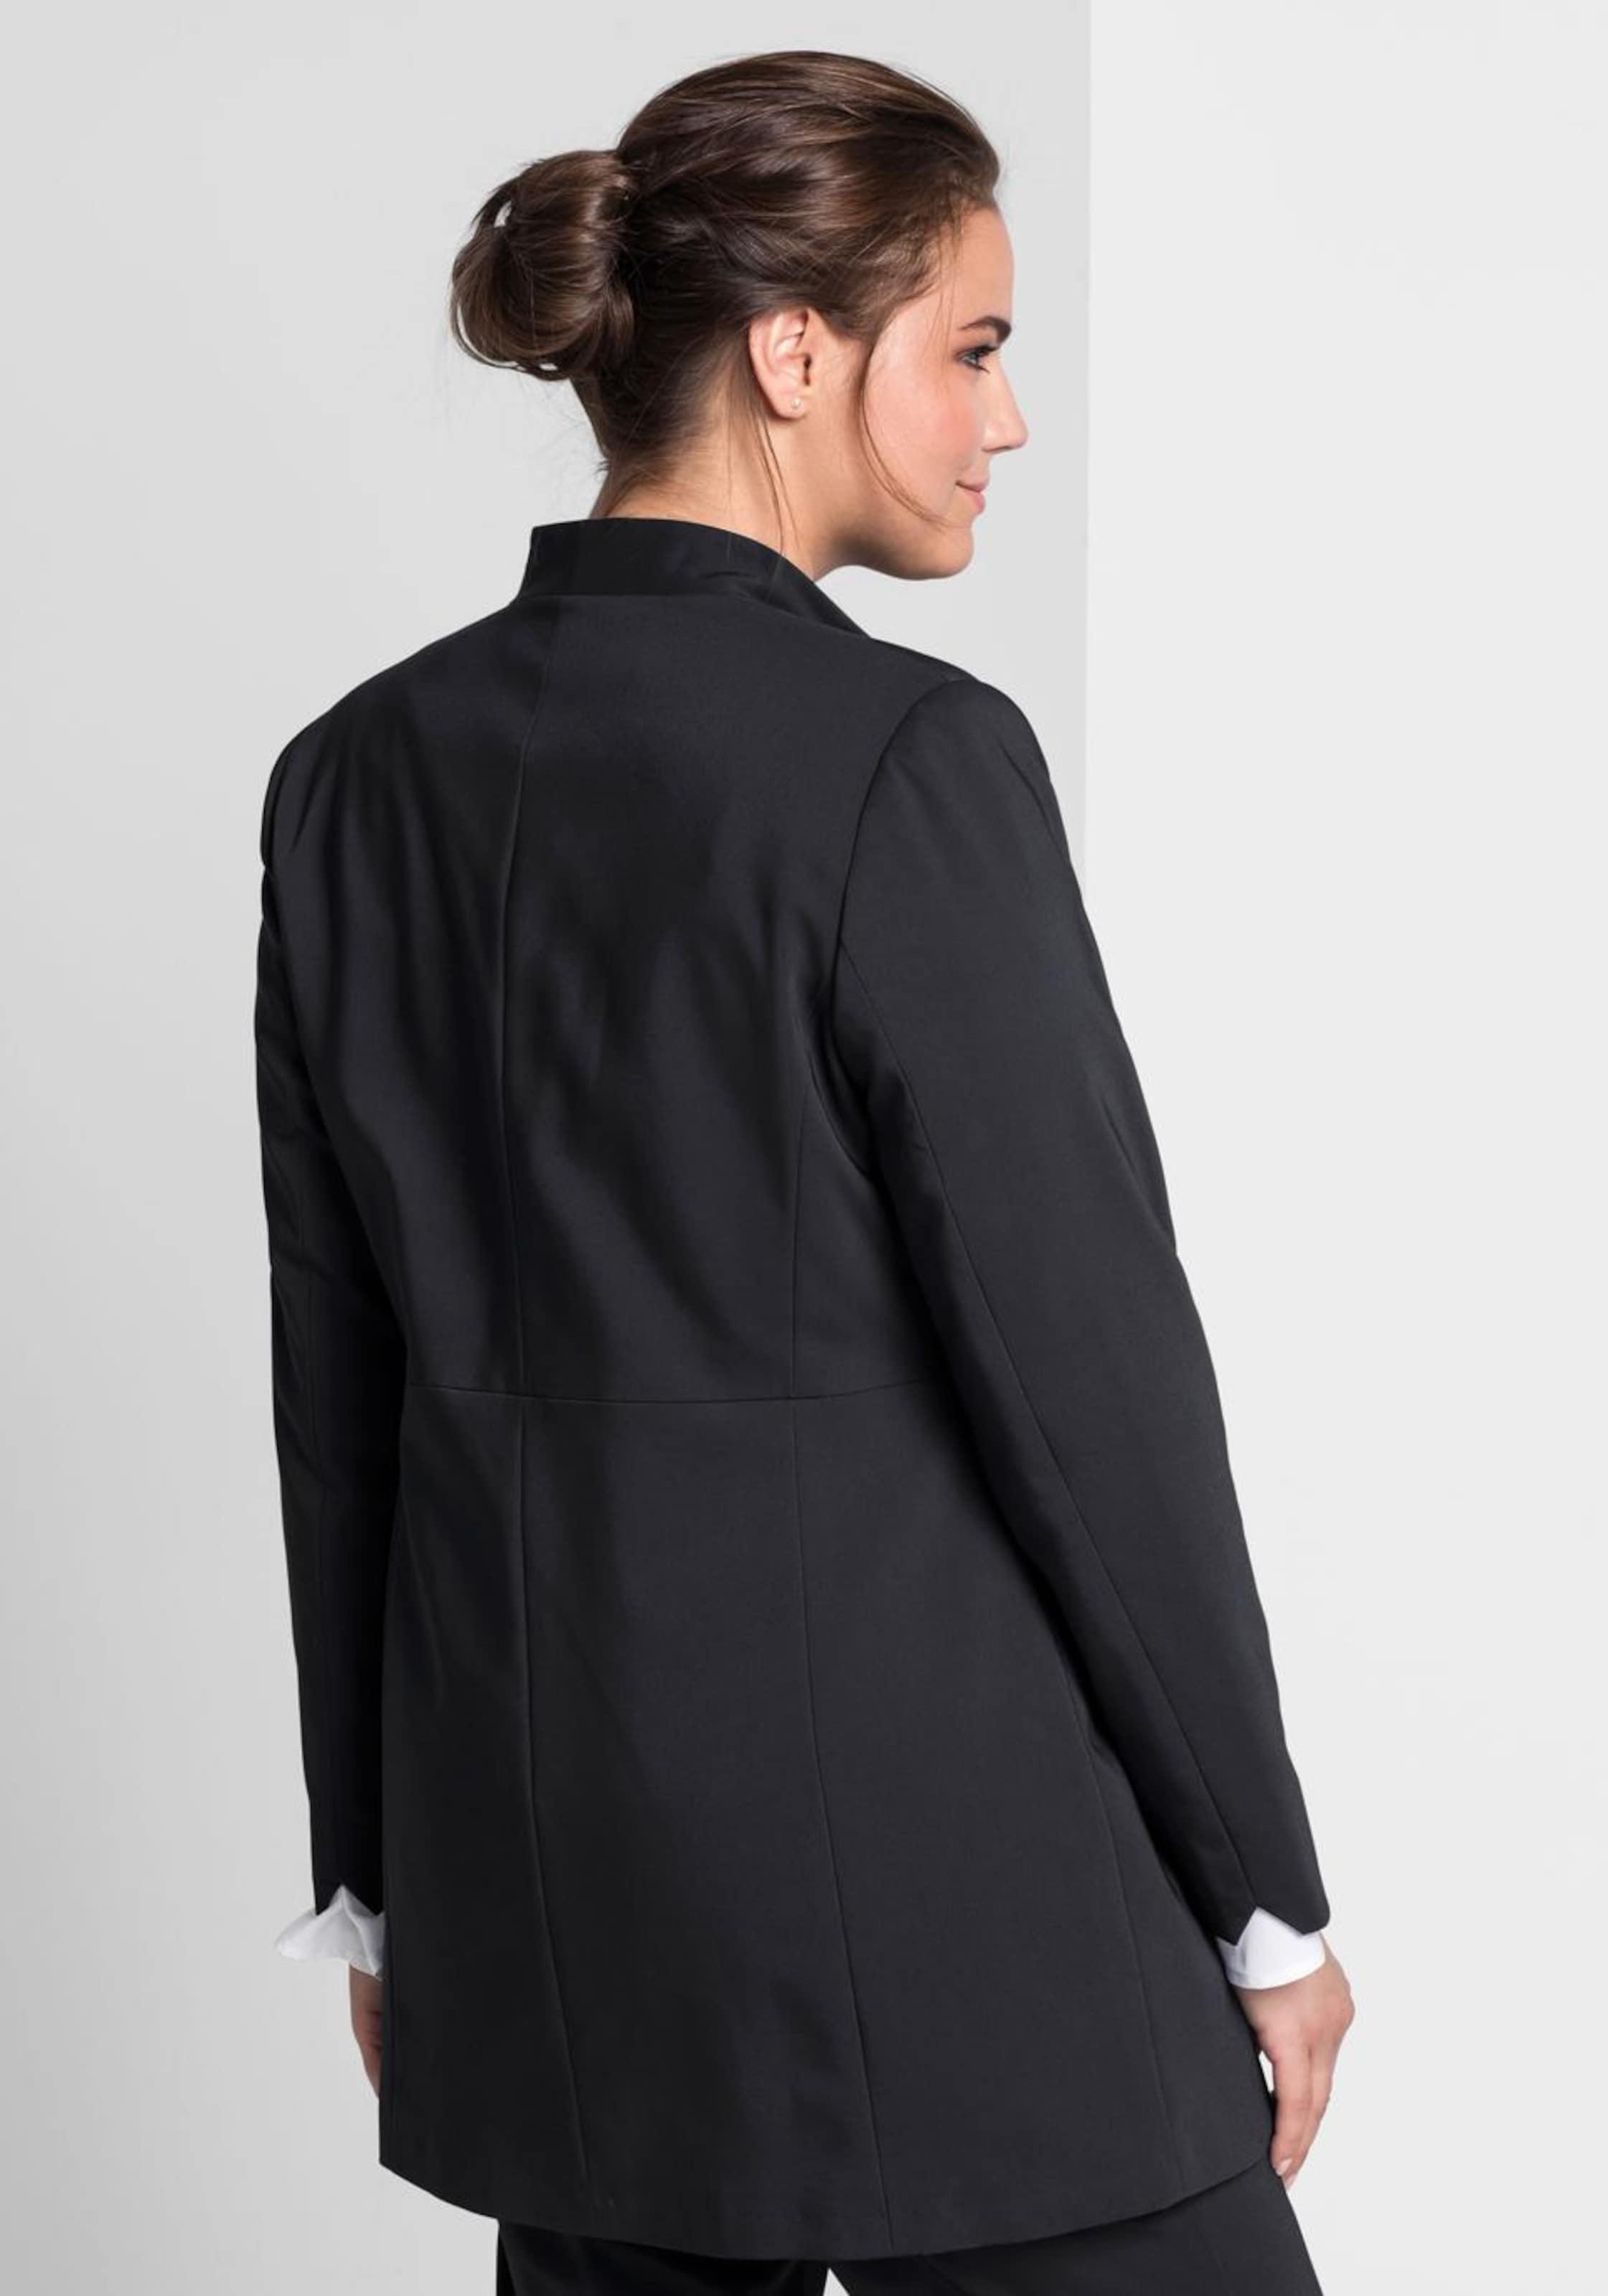 Style In Sheego Schwarz Style Blazer Blazer In Style Sheego Sheego Schwarz j54RAL